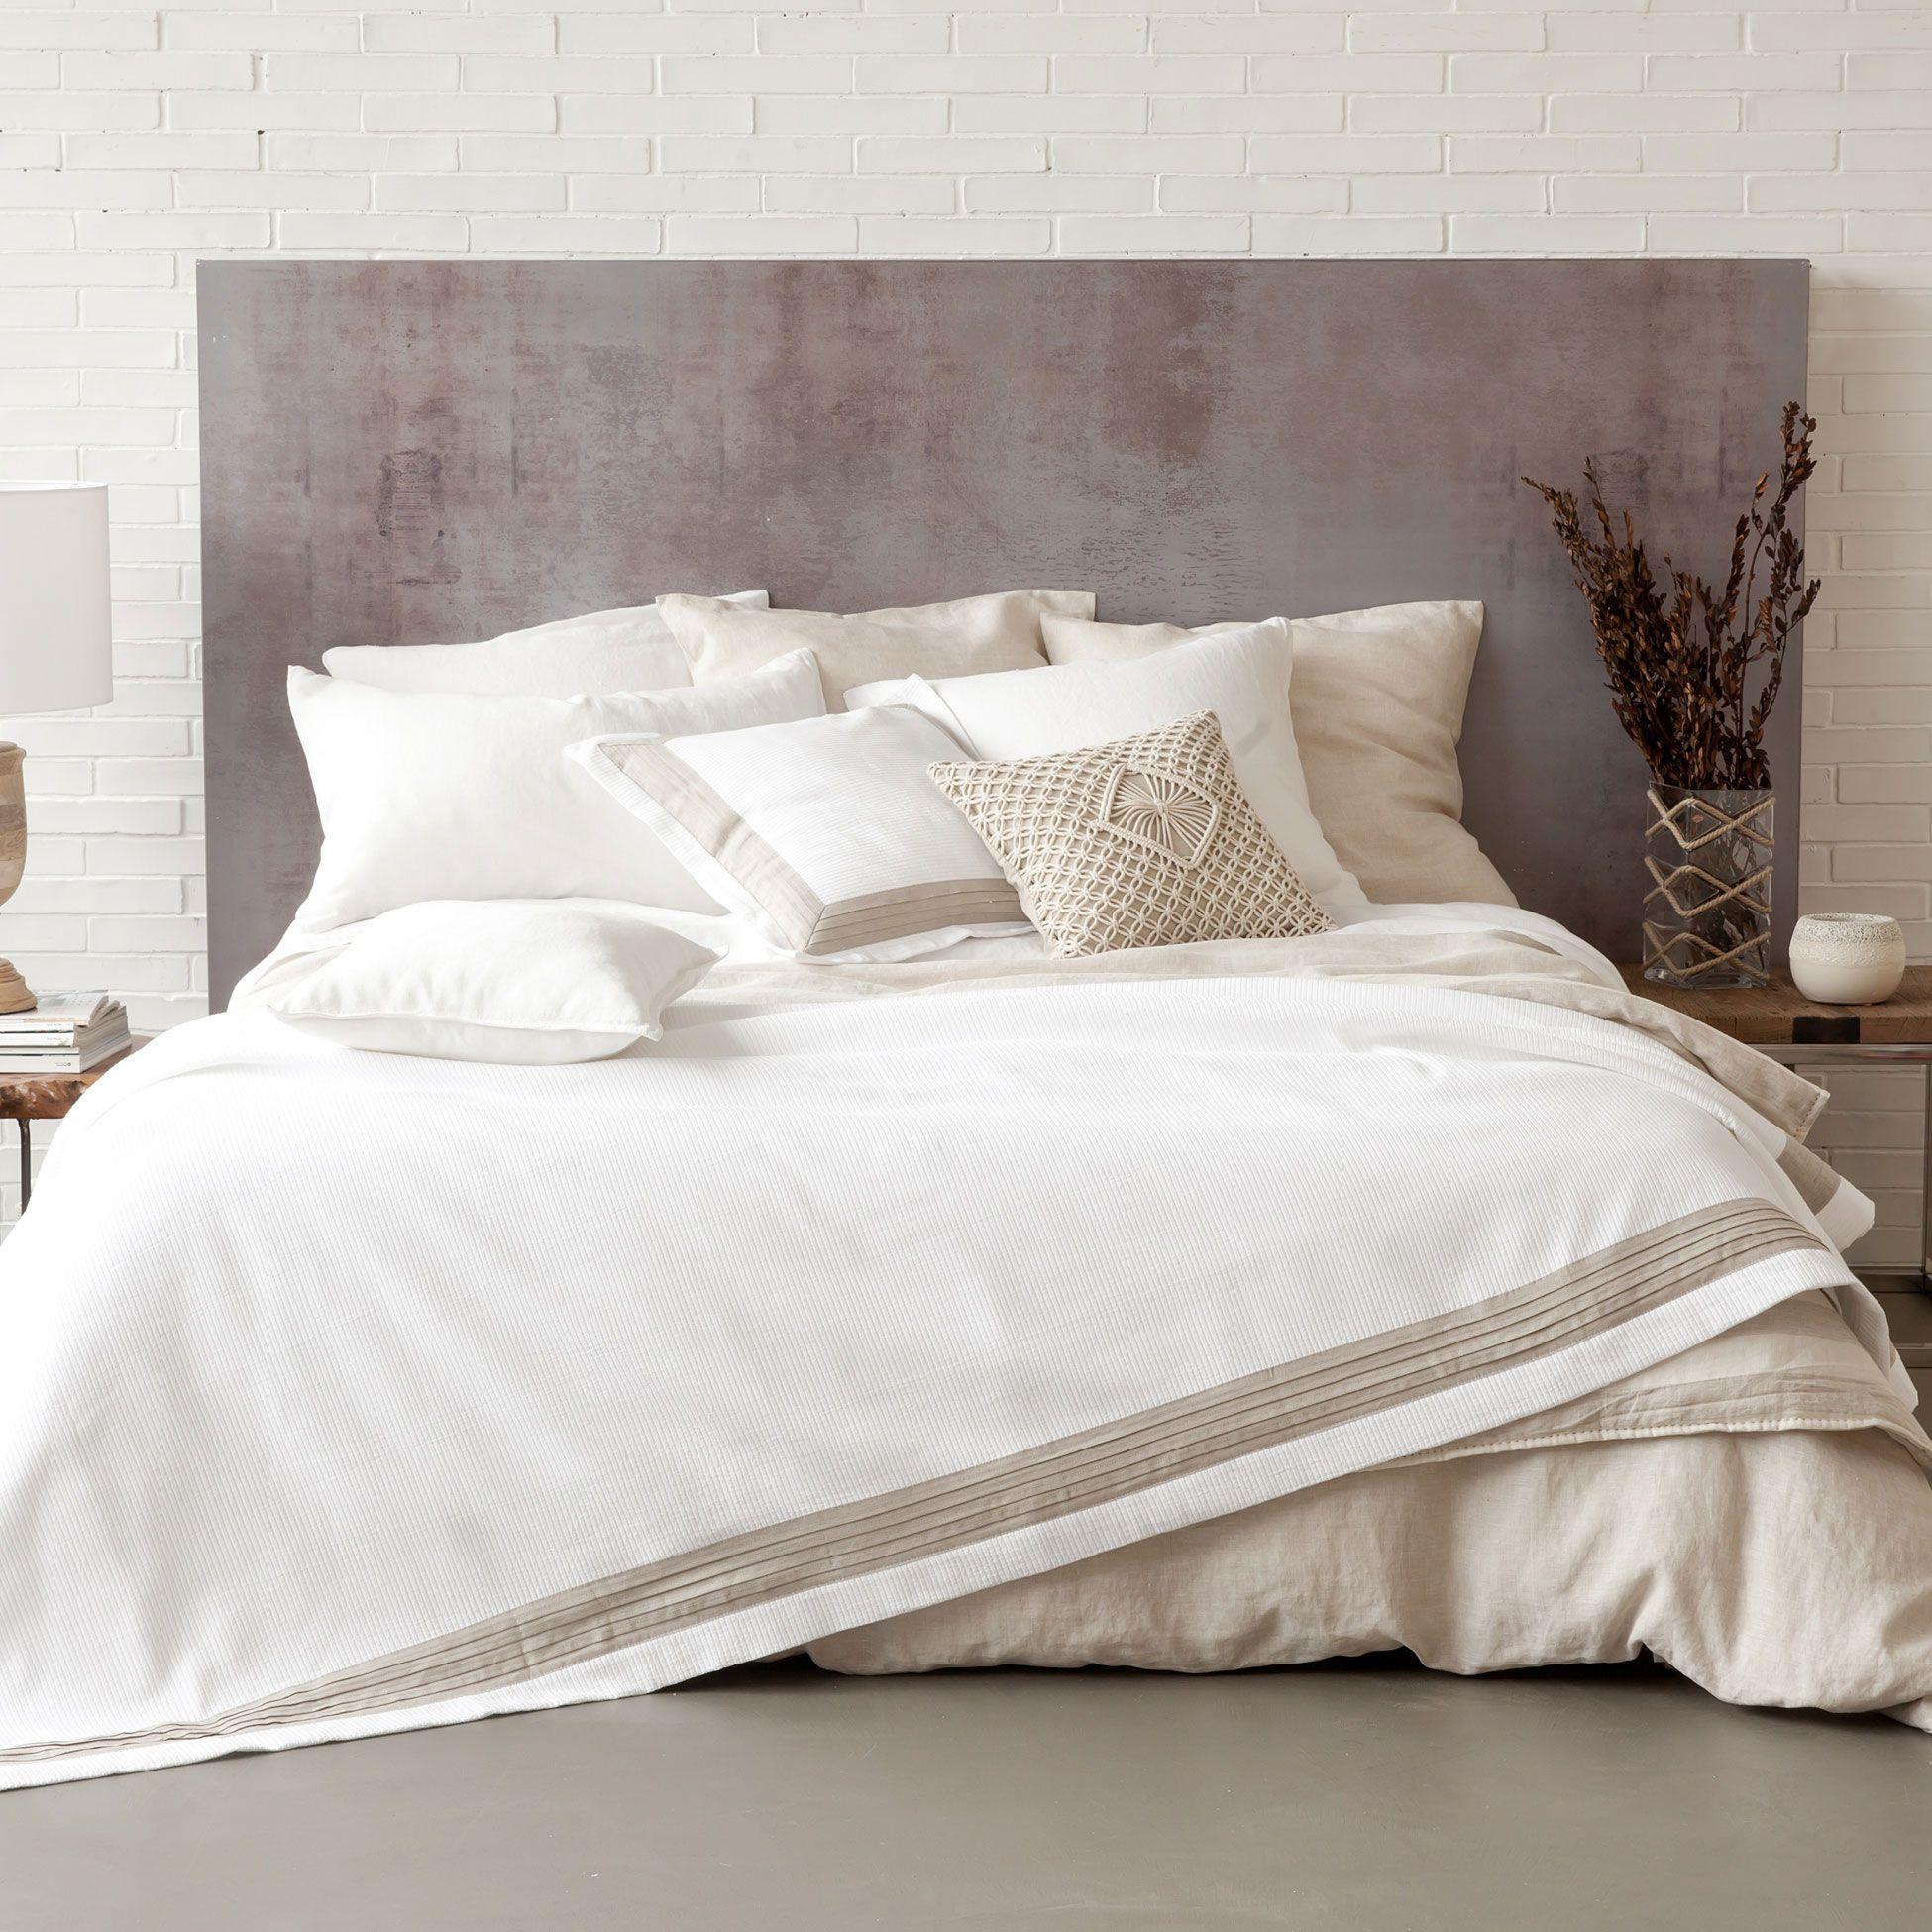 tagesdecke aus baumwolle und leinen | zara home, zuhause und macau, Schlafzimmer design